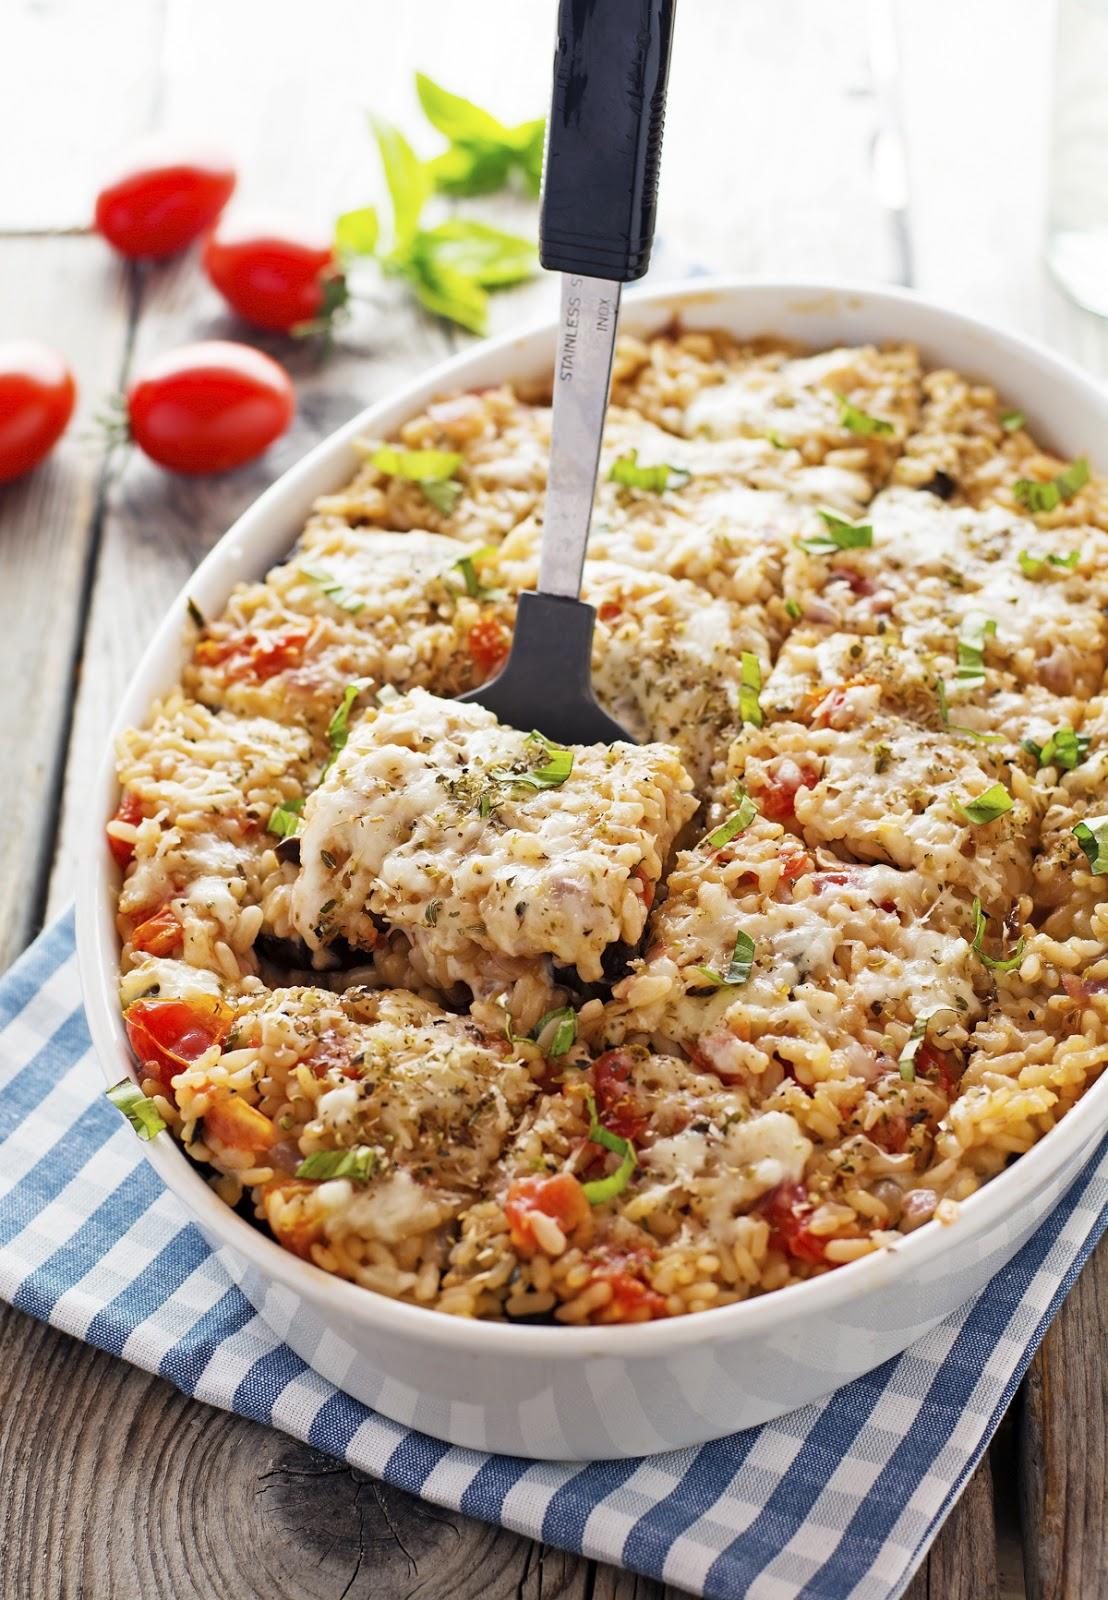 Рисовая Диета Блюда. Худеем на рисе: быстро, эффективно, недорого